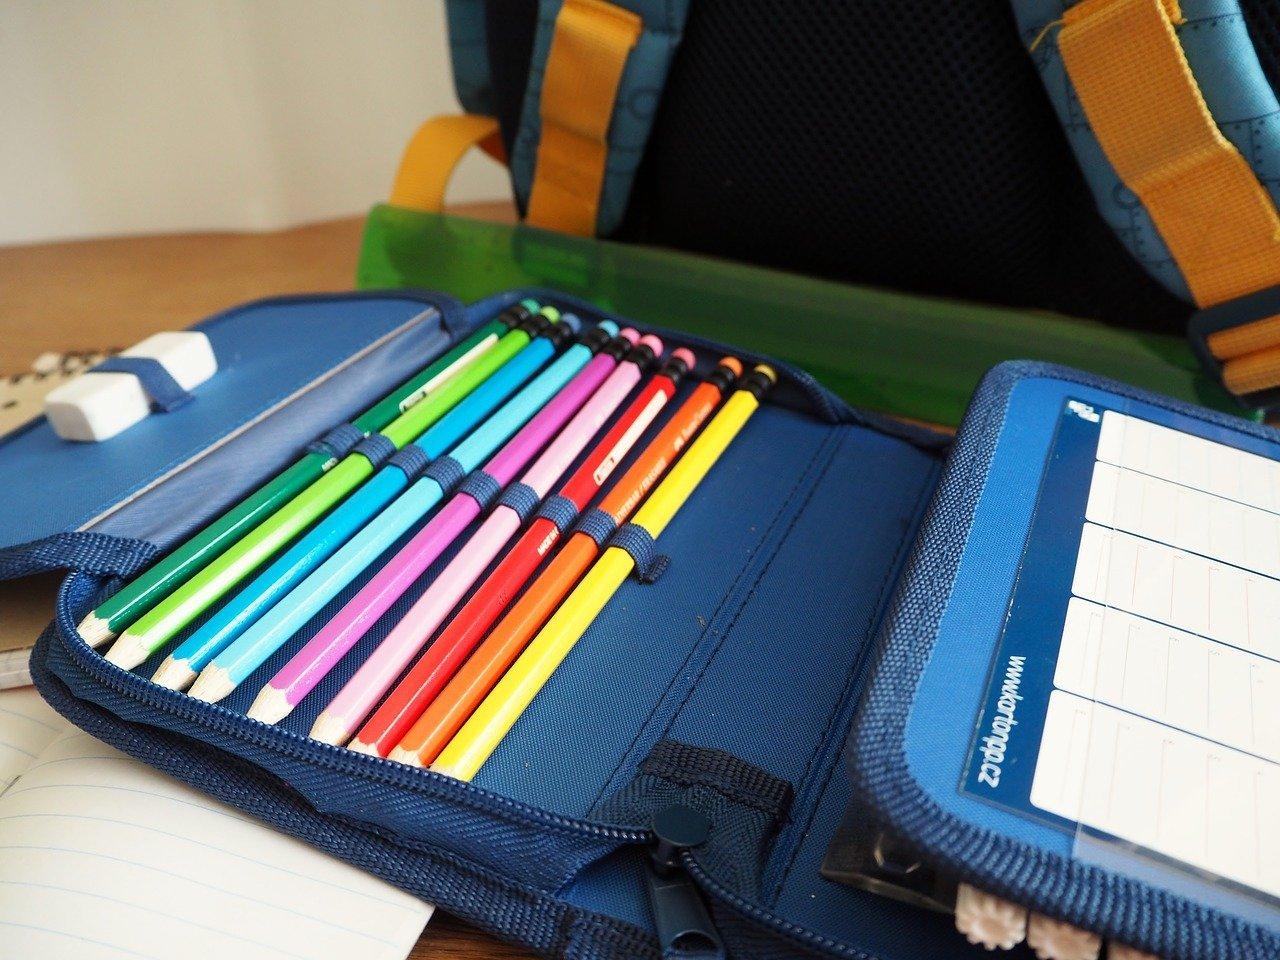 Pochette bleu marine de crayons de couleurs posée devant un cartable